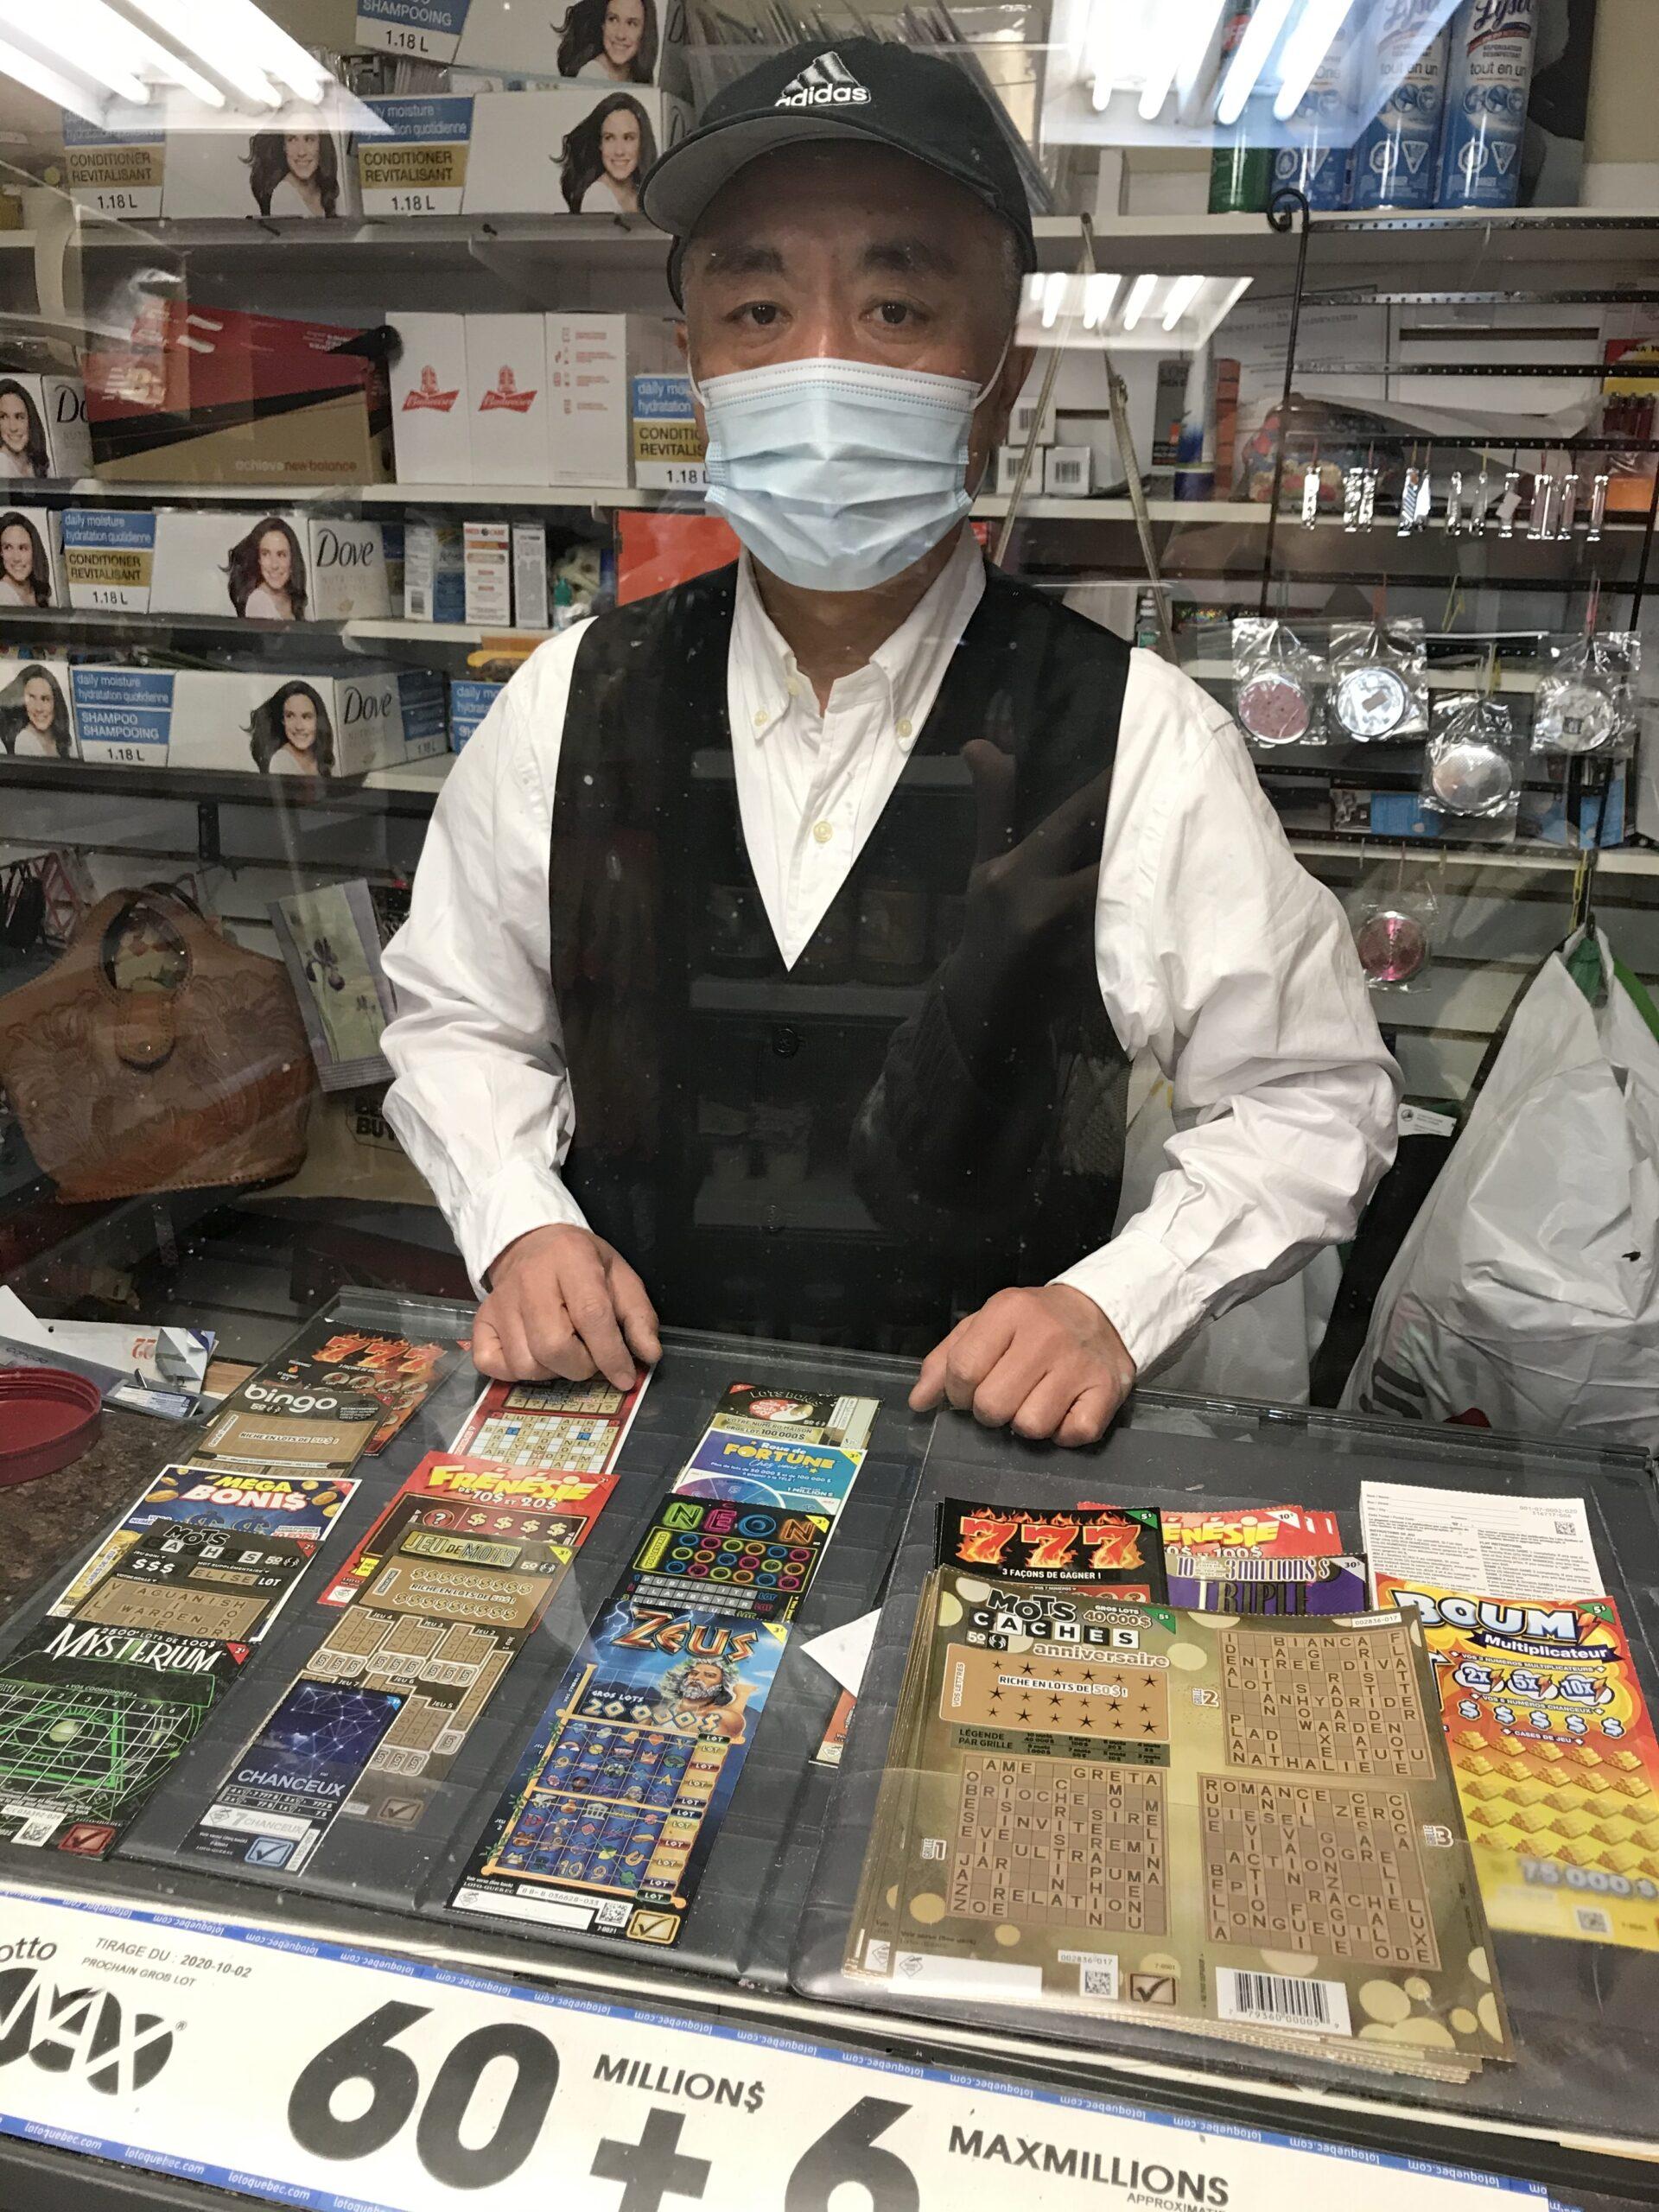 守望相助 传递温暖——访疫情下坚持在老人中心服务的谢詠西先生